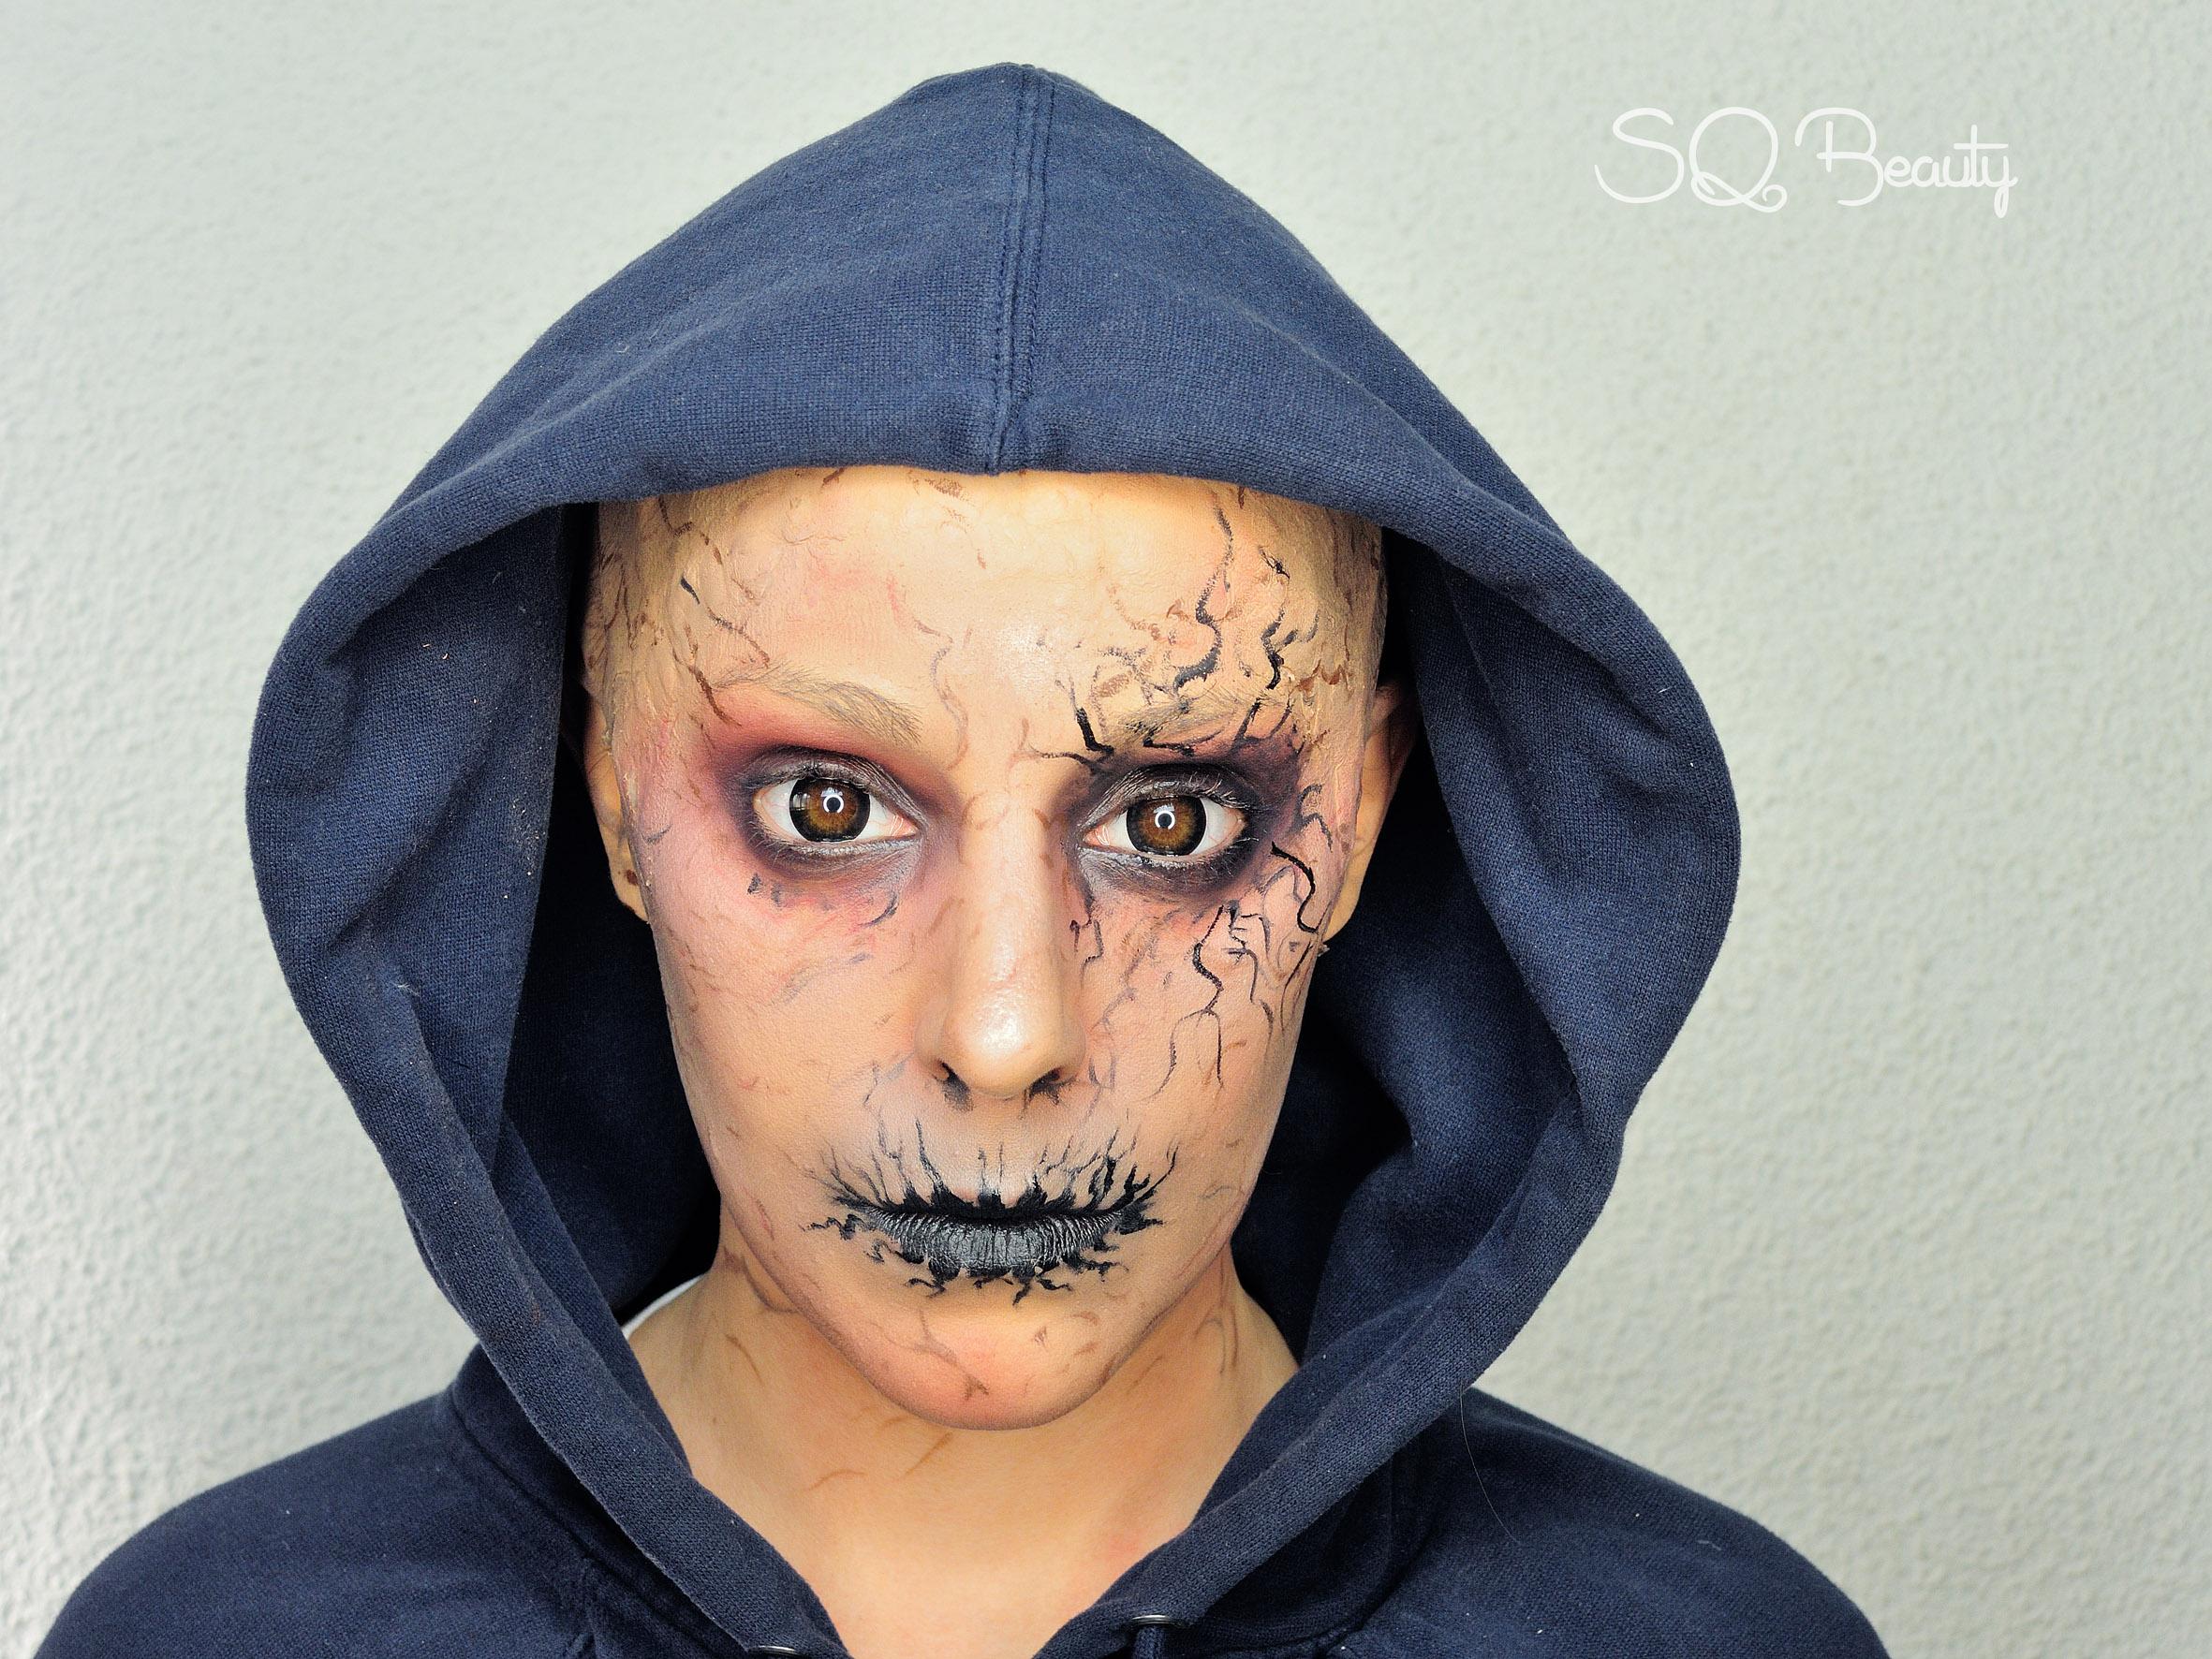 maquillaje demonio y como aplicar calva - Maquillaje Demonio